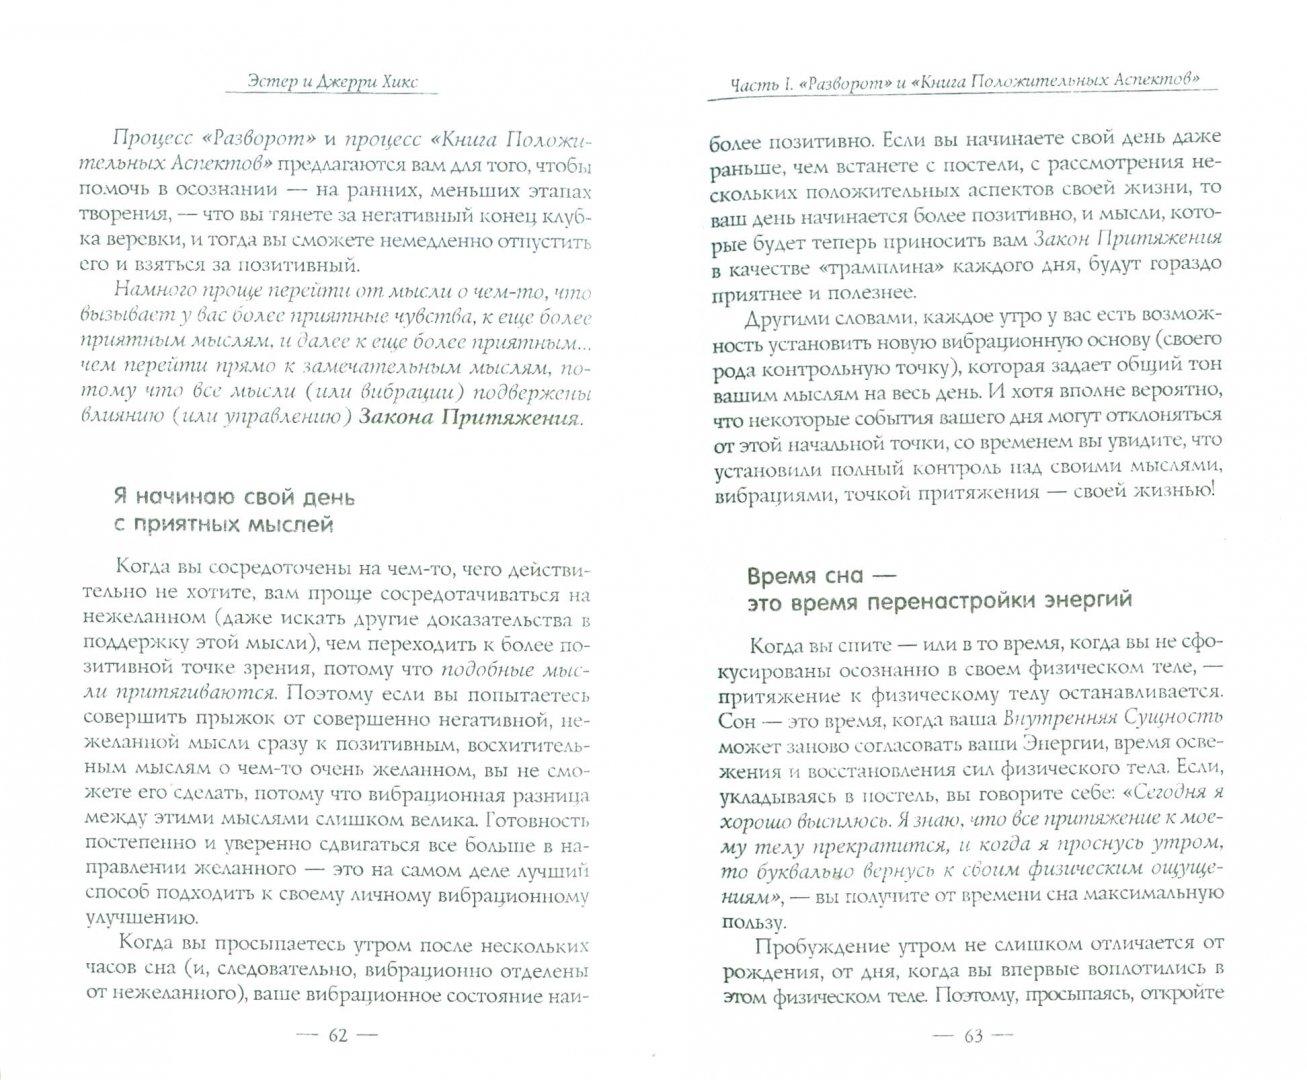 Иллюстрация 1 из 5 для Деньги и Закон Притяжения. Как научиться притягивать богатство, здоровье и счастье. Том I - Хикс, Хикс   Лабиринт - книги. Источник: Лабиринт